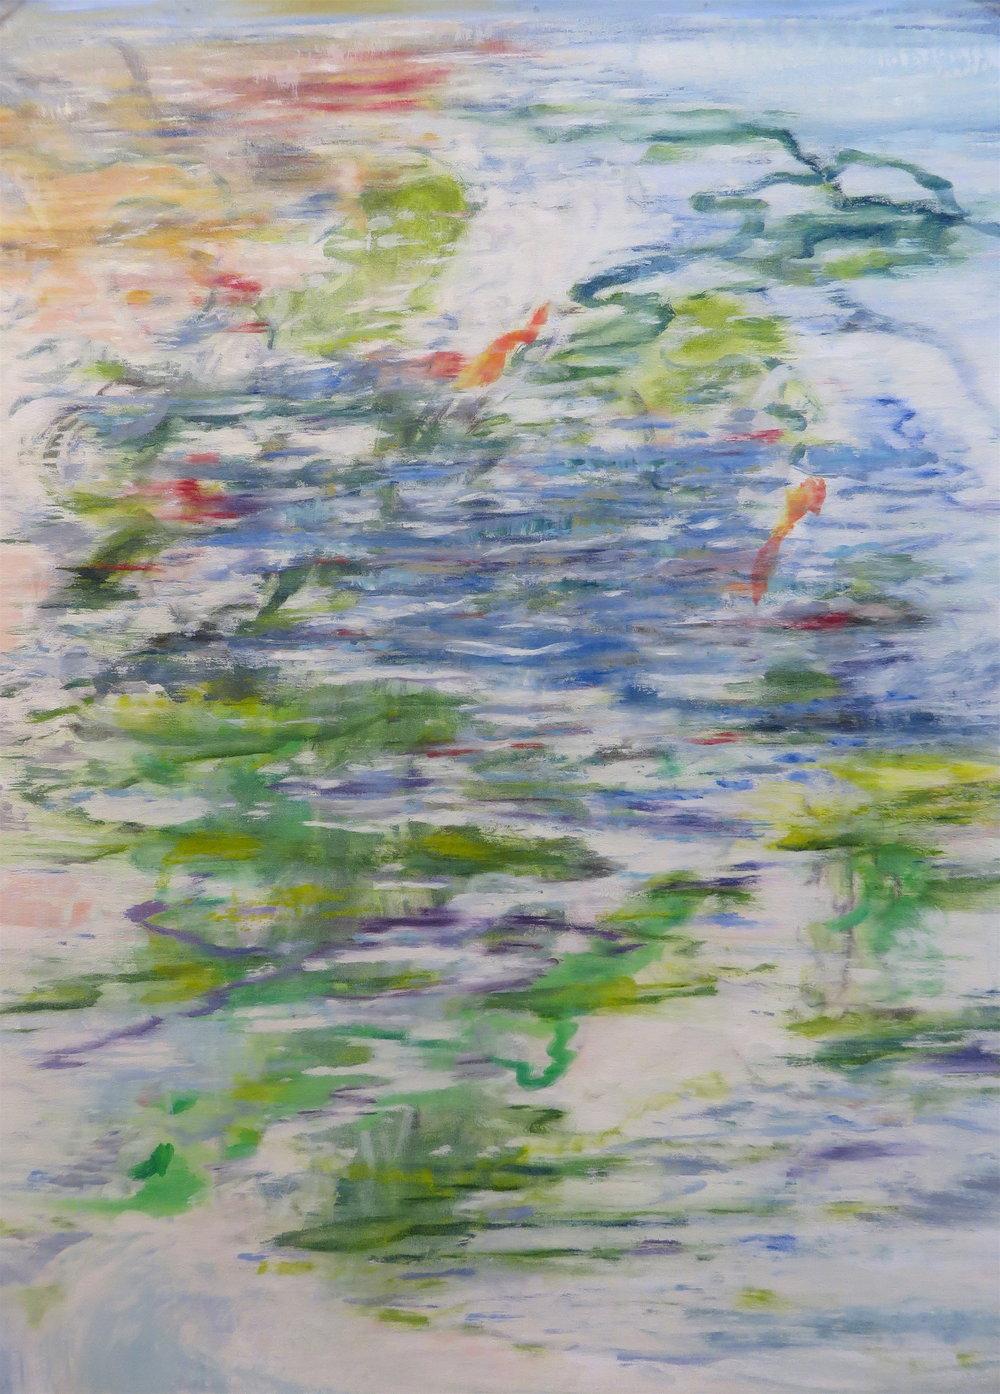 Water Series, 2012